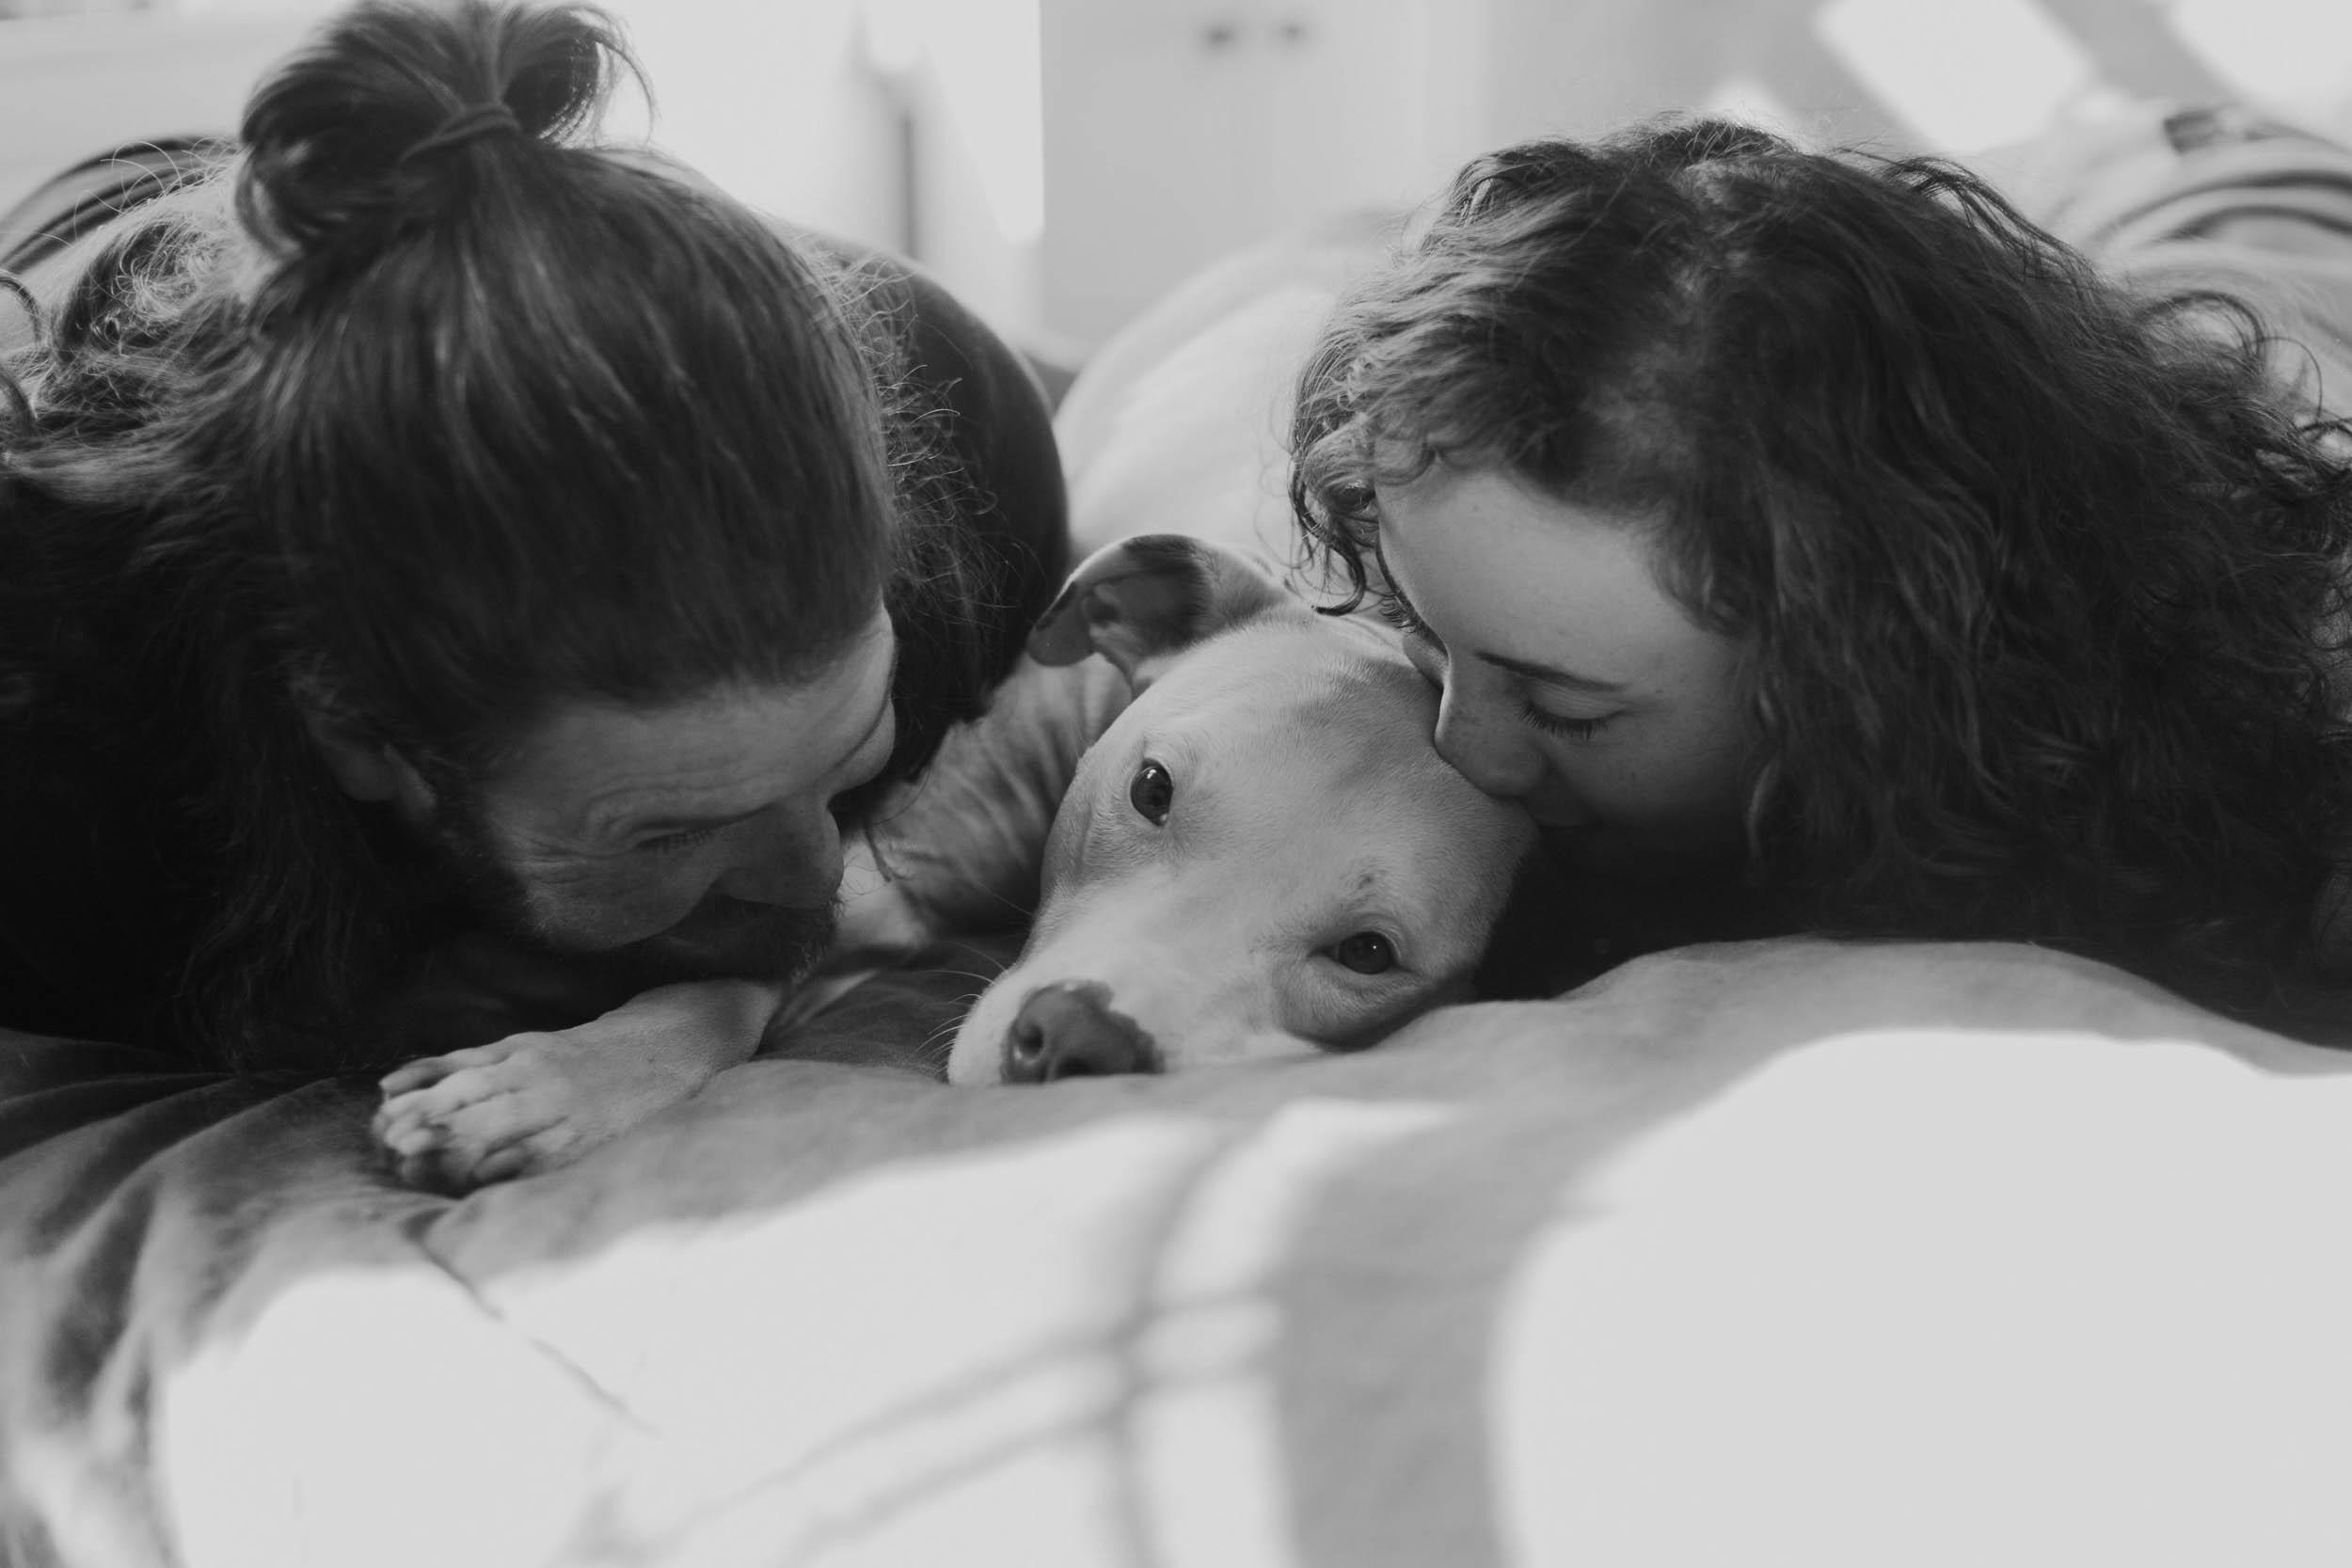 Kristen-Humbert-Family-Photoshoot-Philadelphia_Ruby-James-W-2-5.jpg